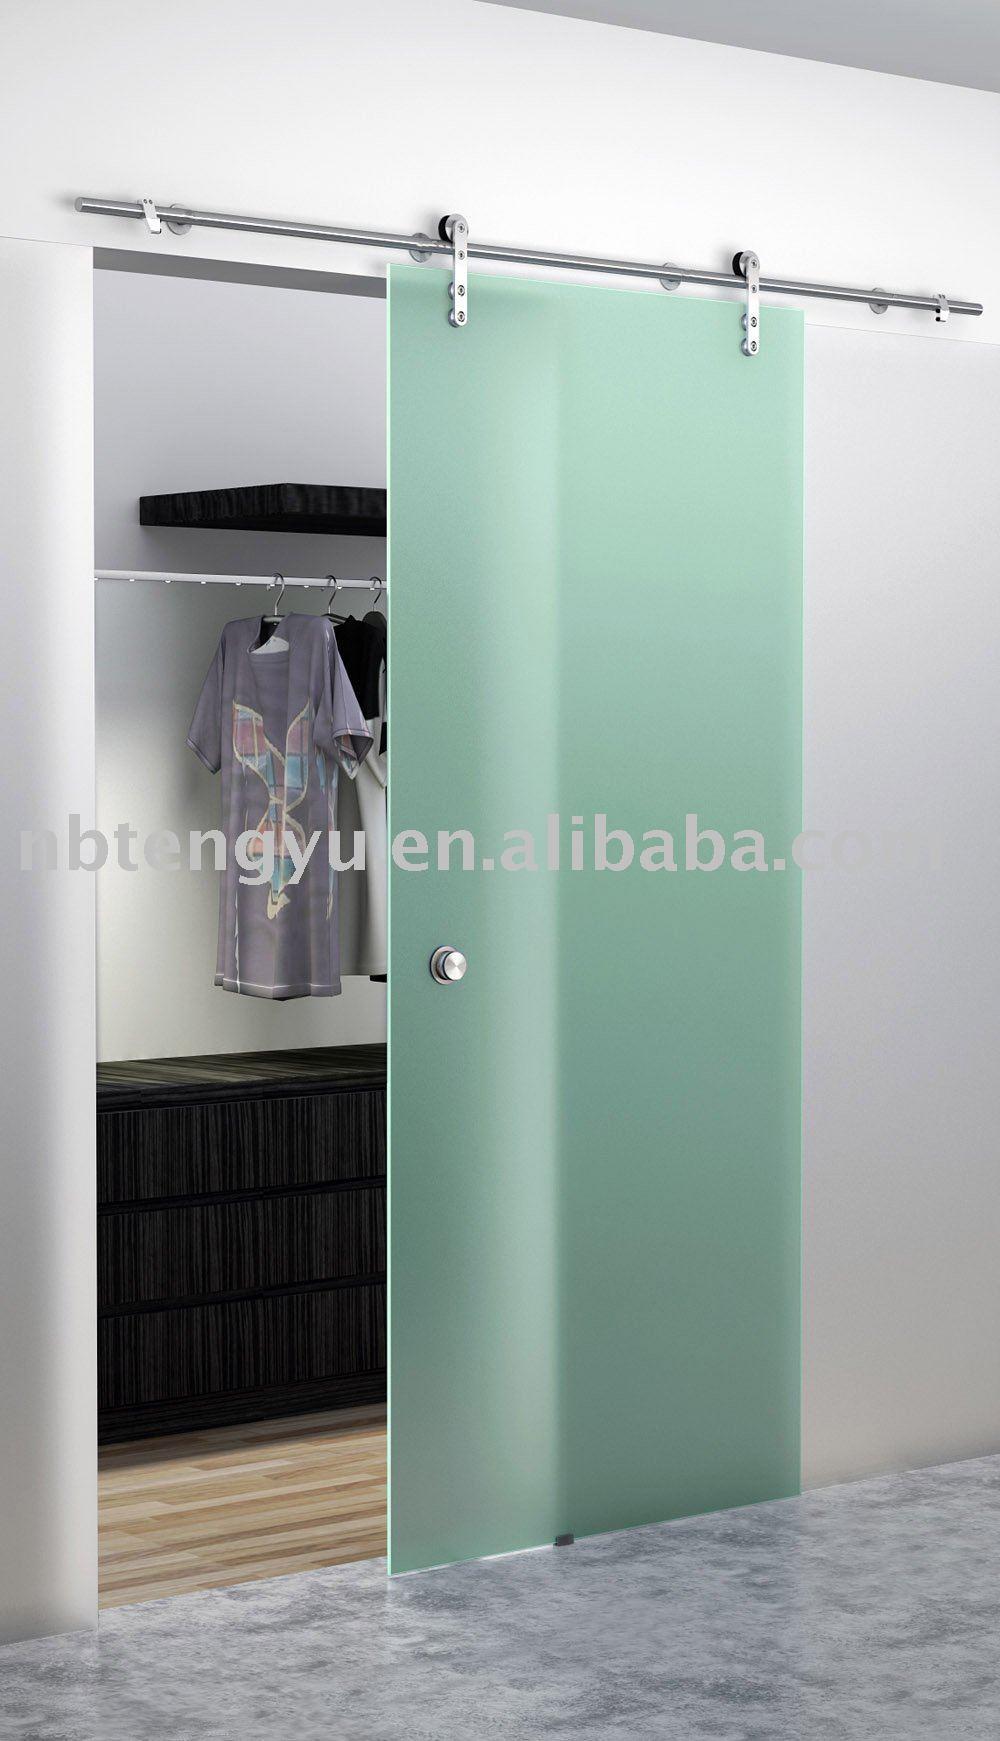 Armoire porte coulissante en verre portes id de produit for Porte coulissante en verre pour salle de bain